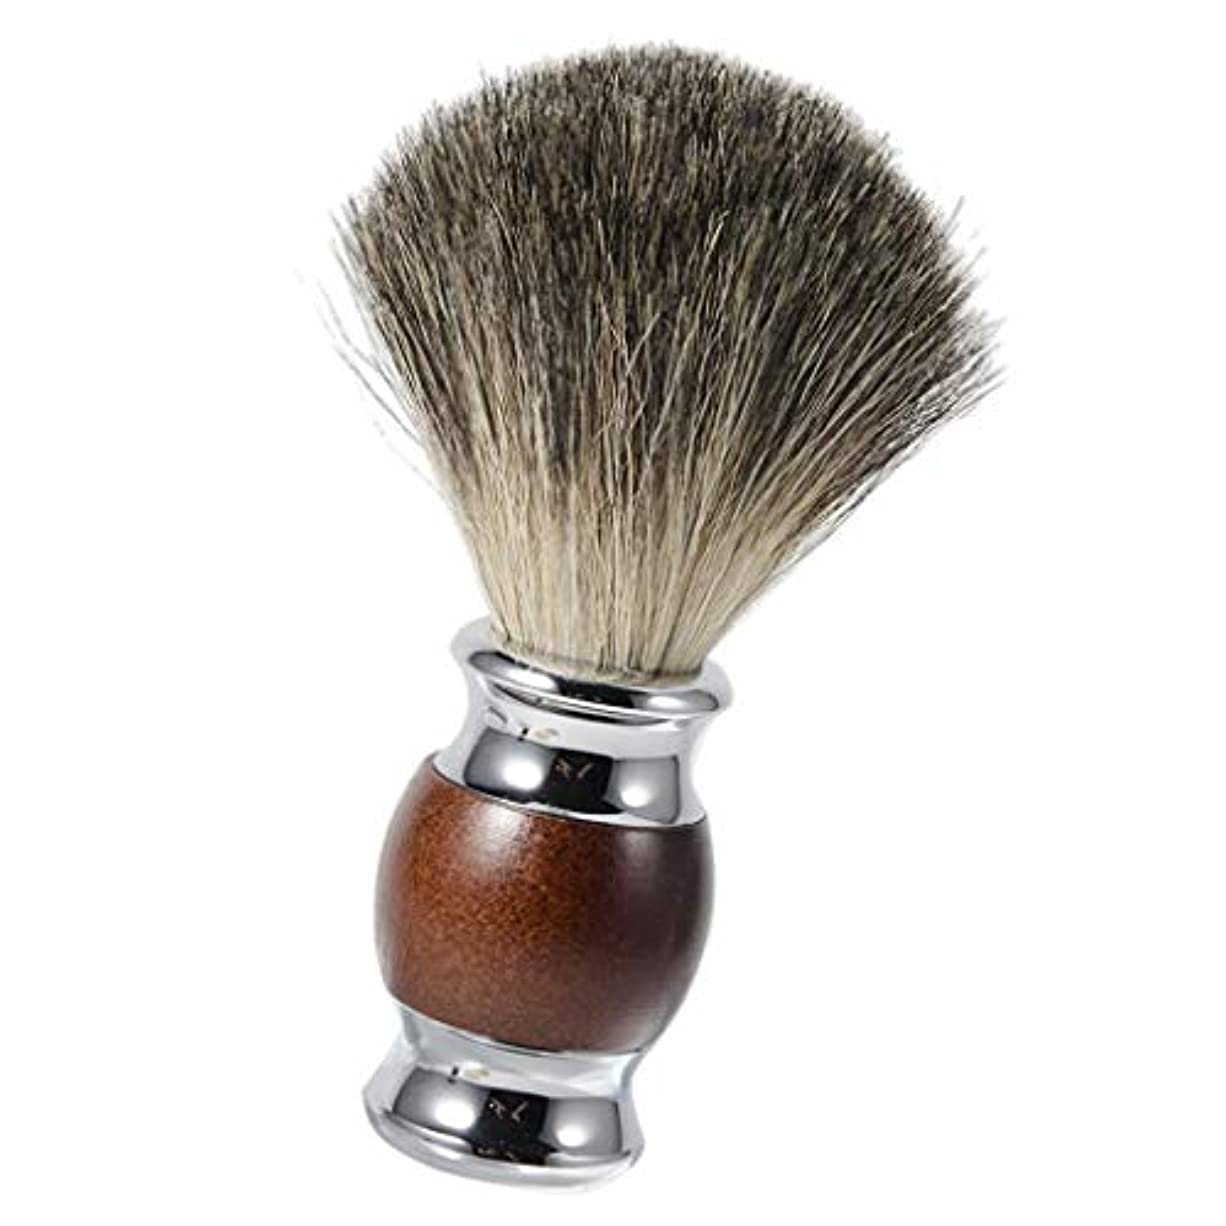 顕現測定可能タフsharprepublic メンズ用 髭剃り ブラシ シェービングブラシ 木製ハンドル 理容 洗顔 髭剃り ギフト